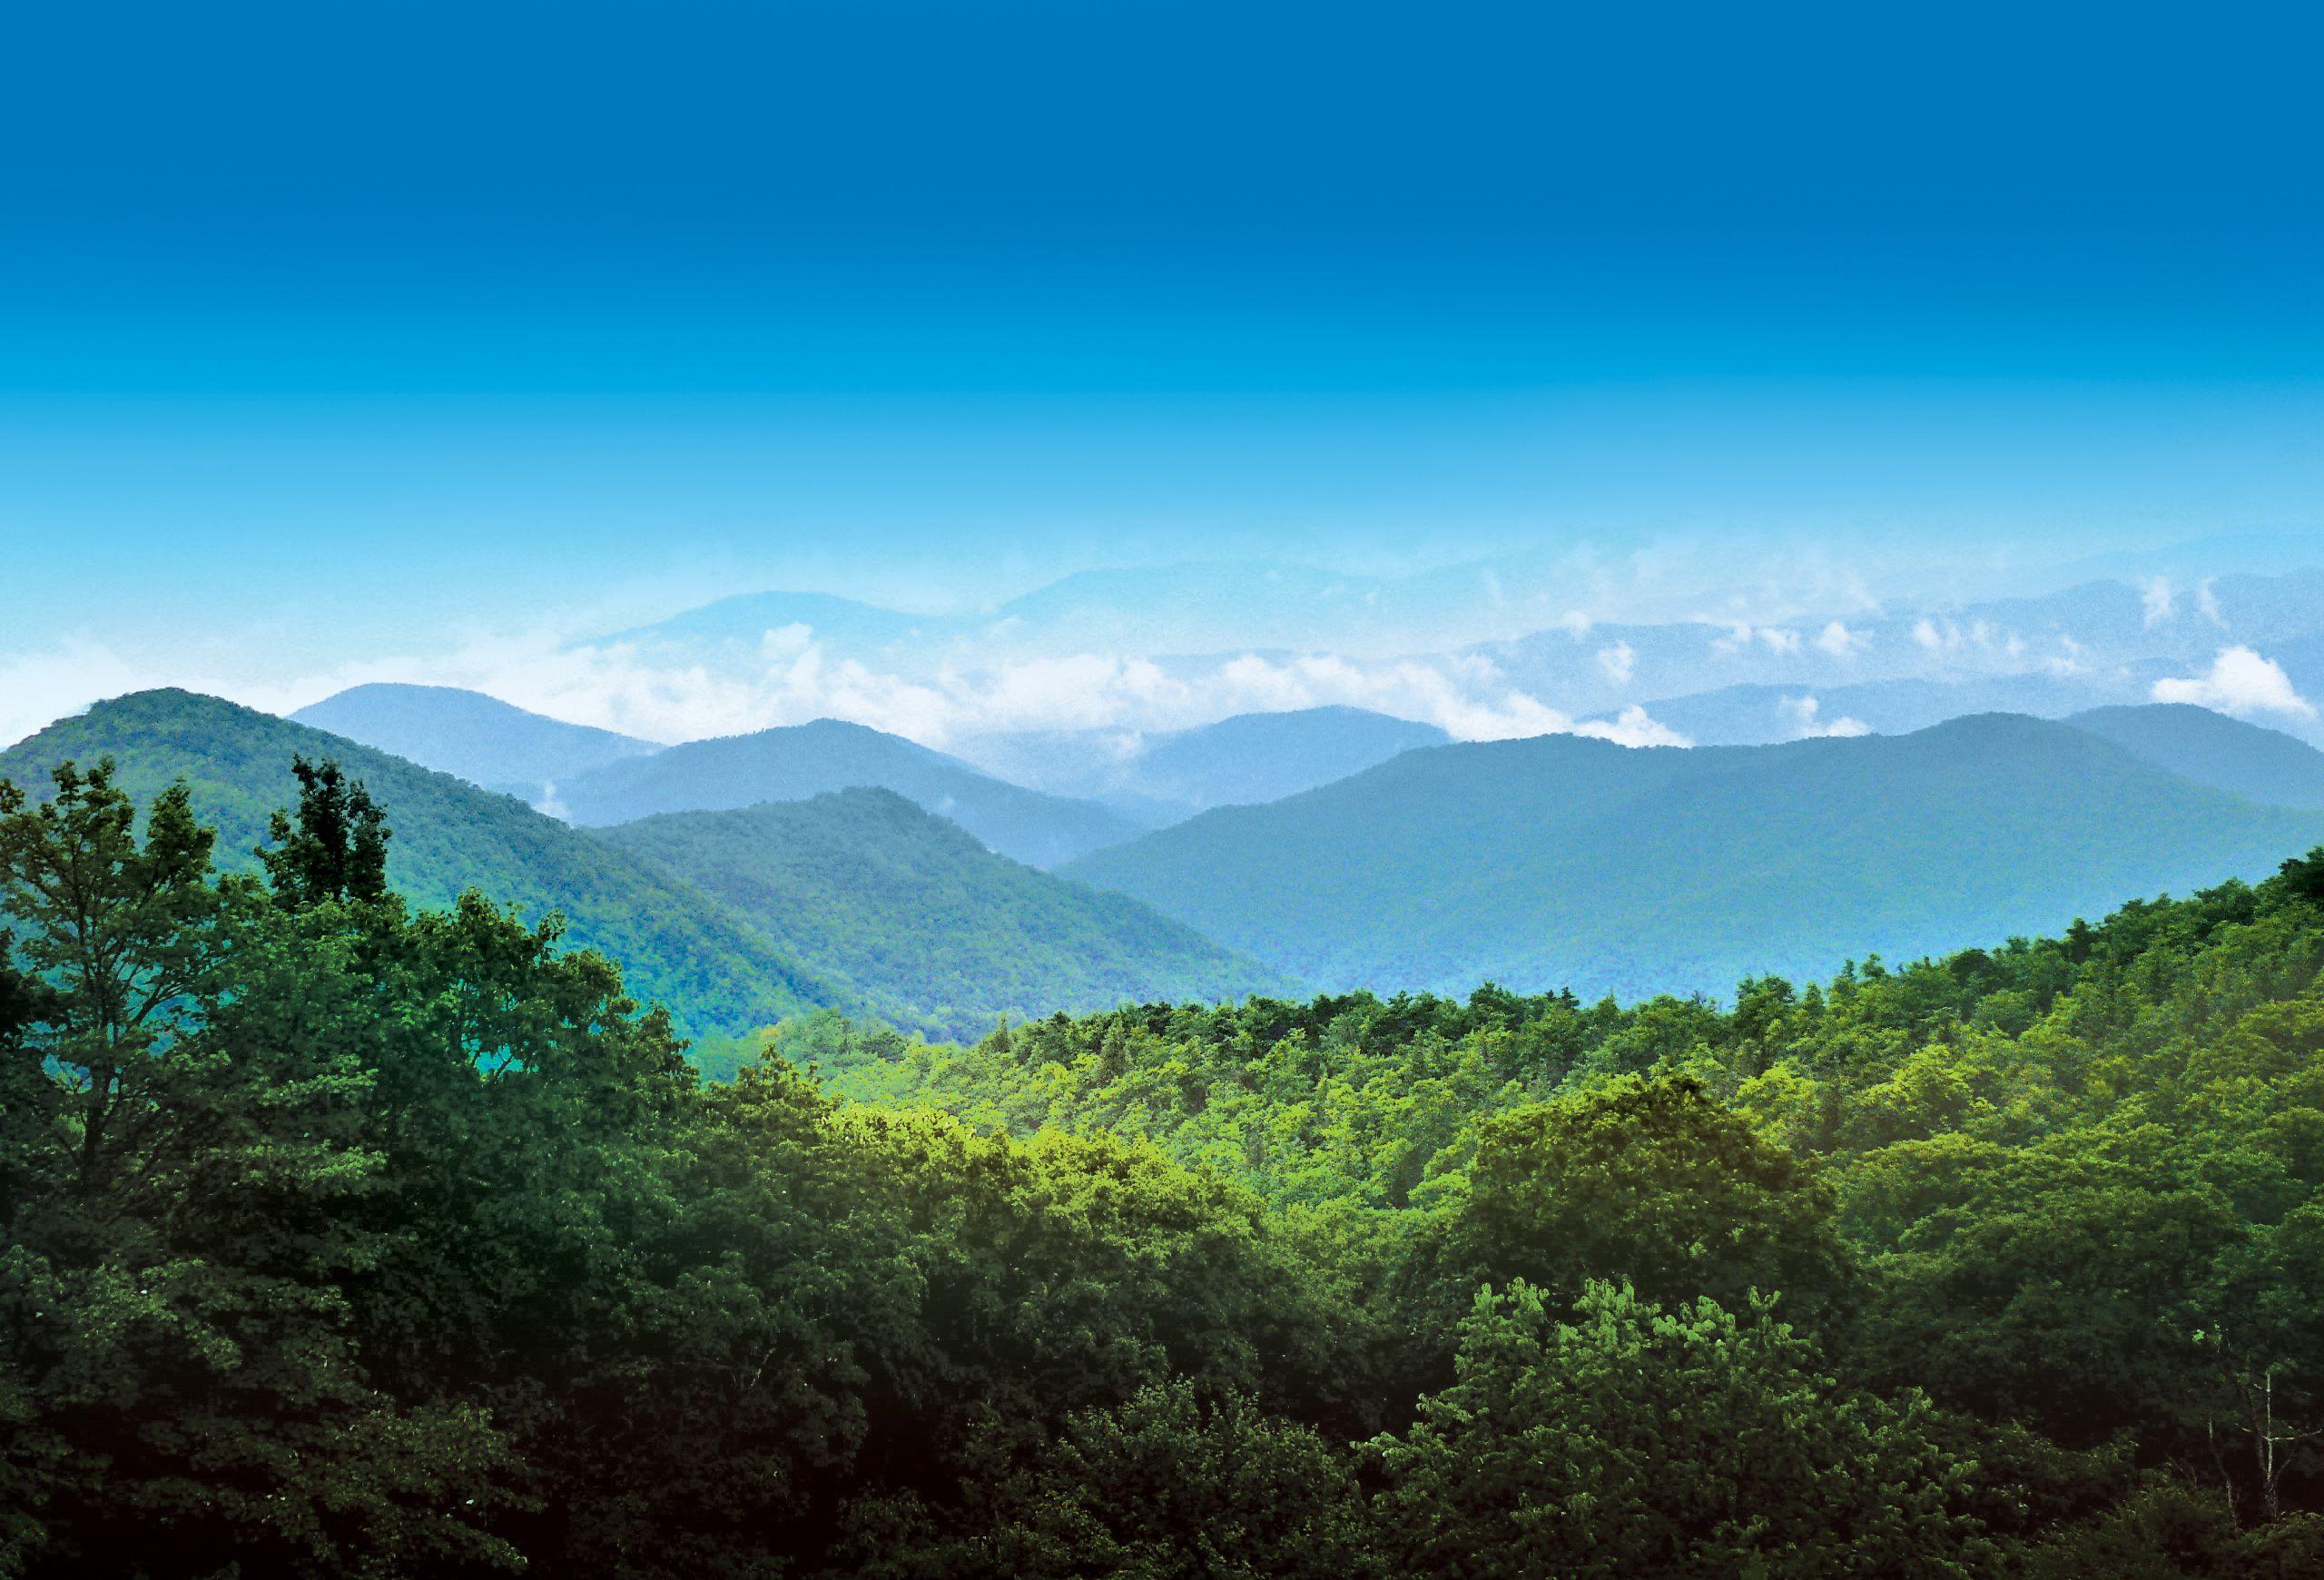 ridge mountains pinterest - photo #47